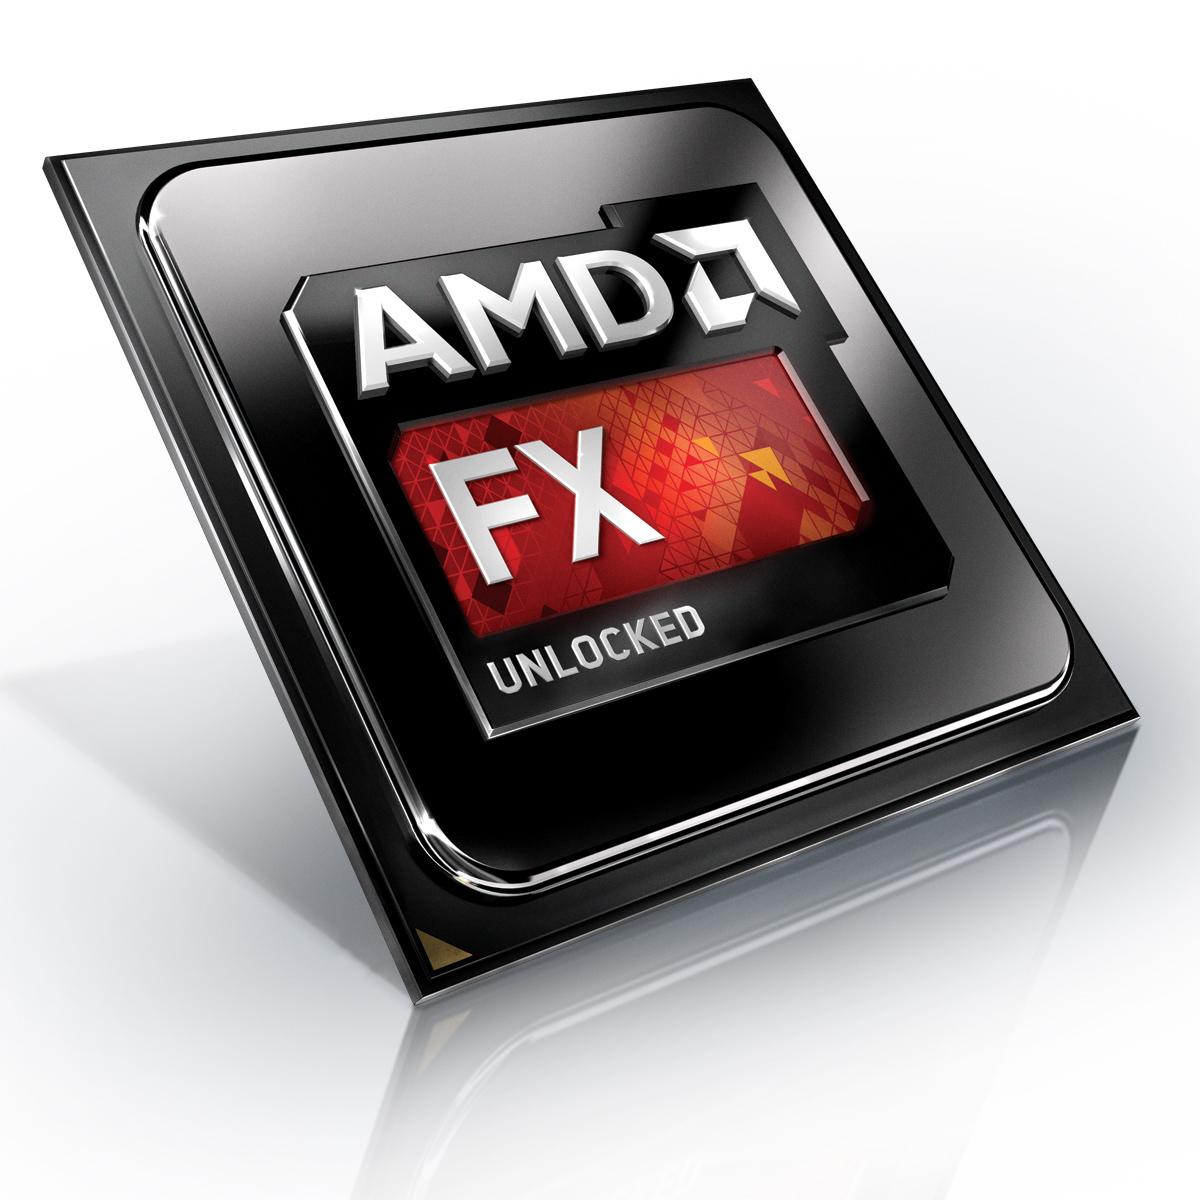 Processeur AMD FX 9590 Unlocked (5.0 GHz Max Turbo) Processeur 8-Core socket AM3+ Cache L3 8 Mo 0.032 micron TDP 220W (version boîte/sans ventilateur - garantie constructeur 3 ans)